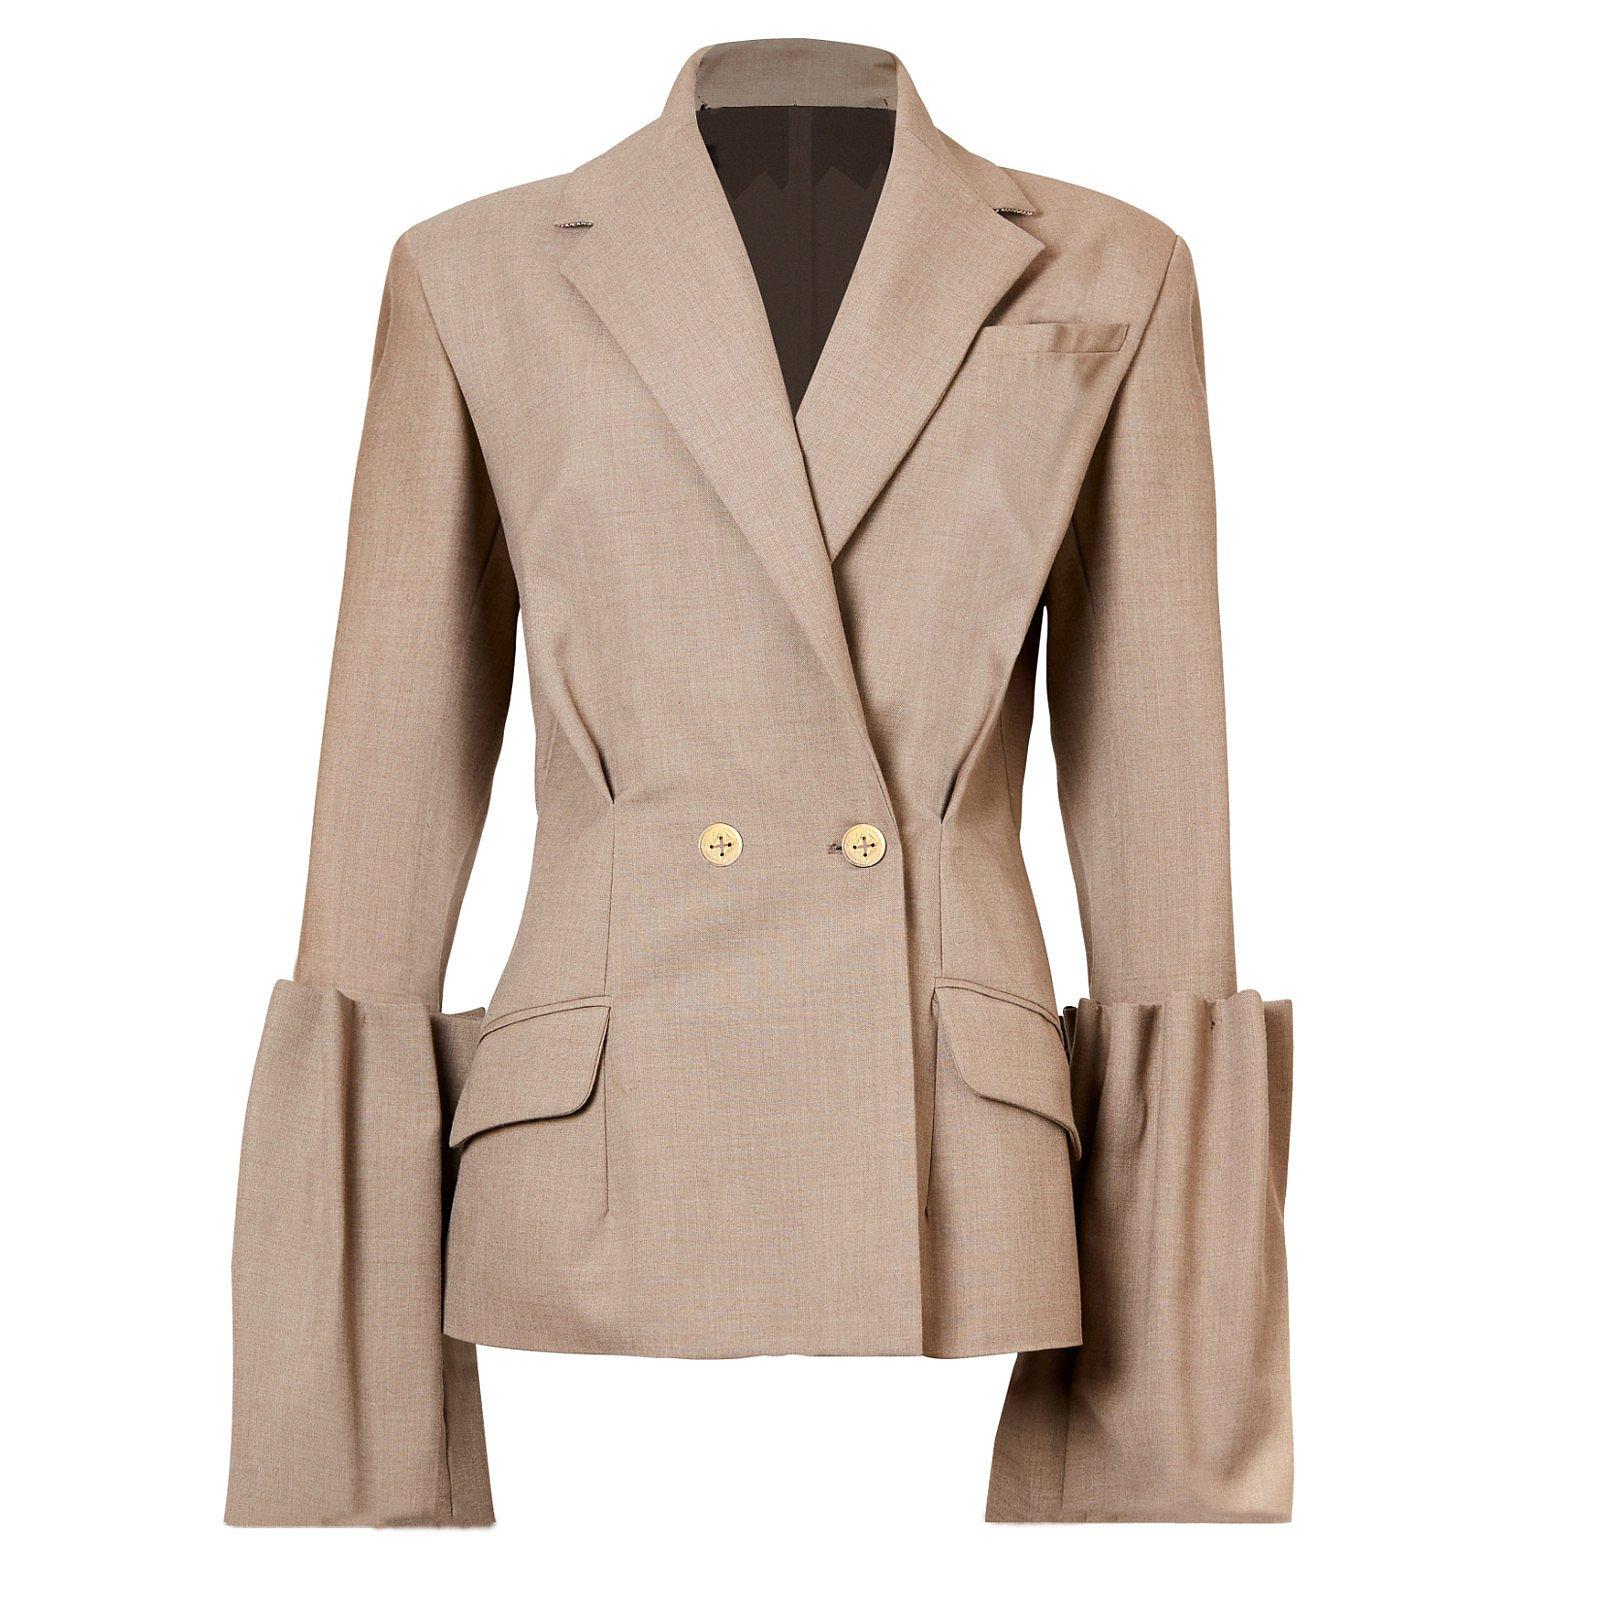 Maison Bent Jacket With Gathered Sleeves